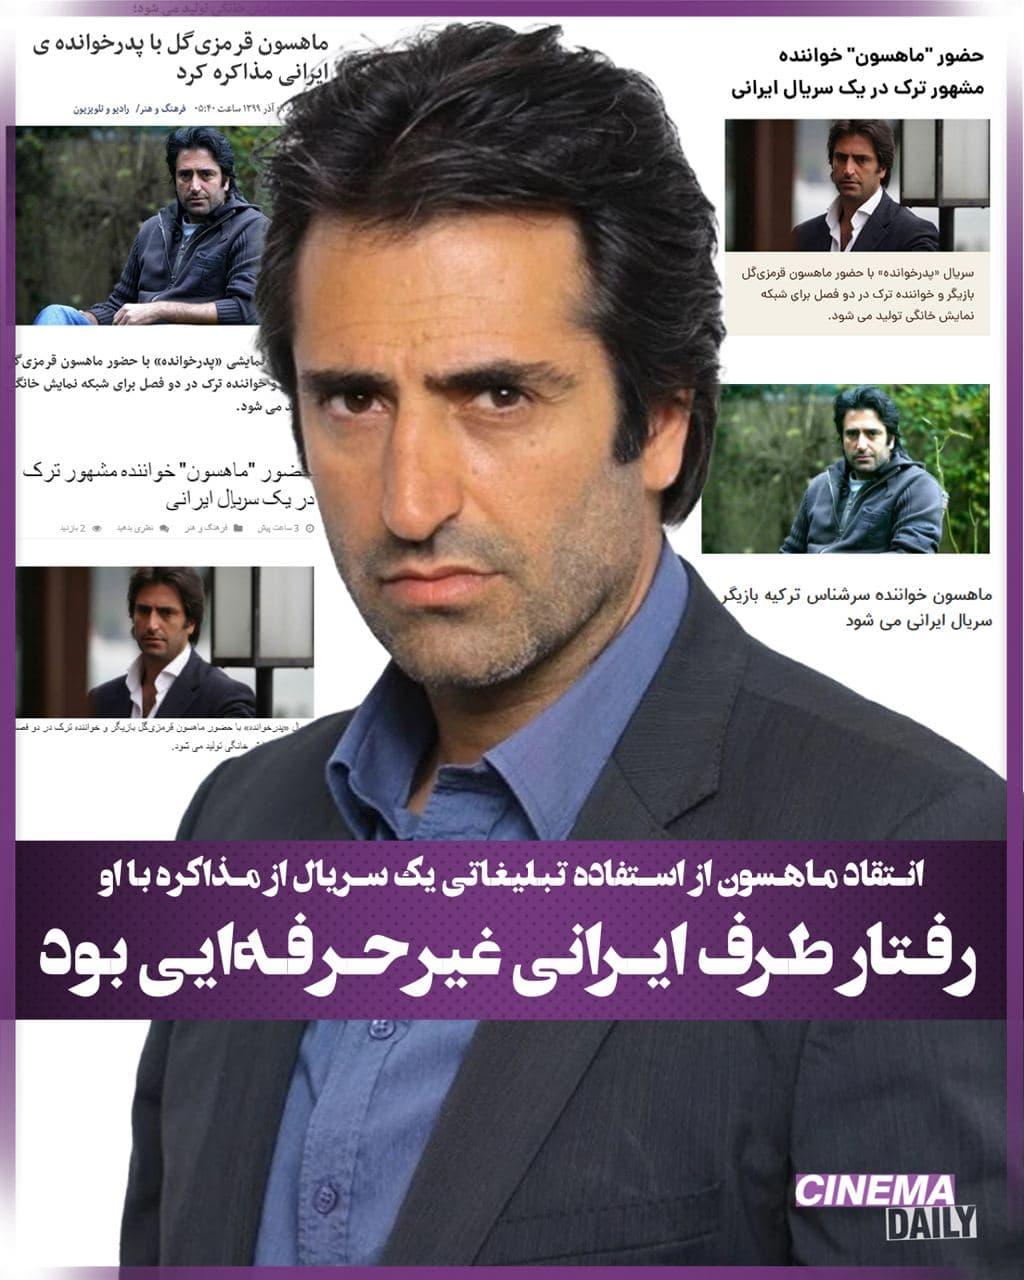 انتقاد ماهسون از رفتار غیرحرفه ای ایرانی ها +عکس